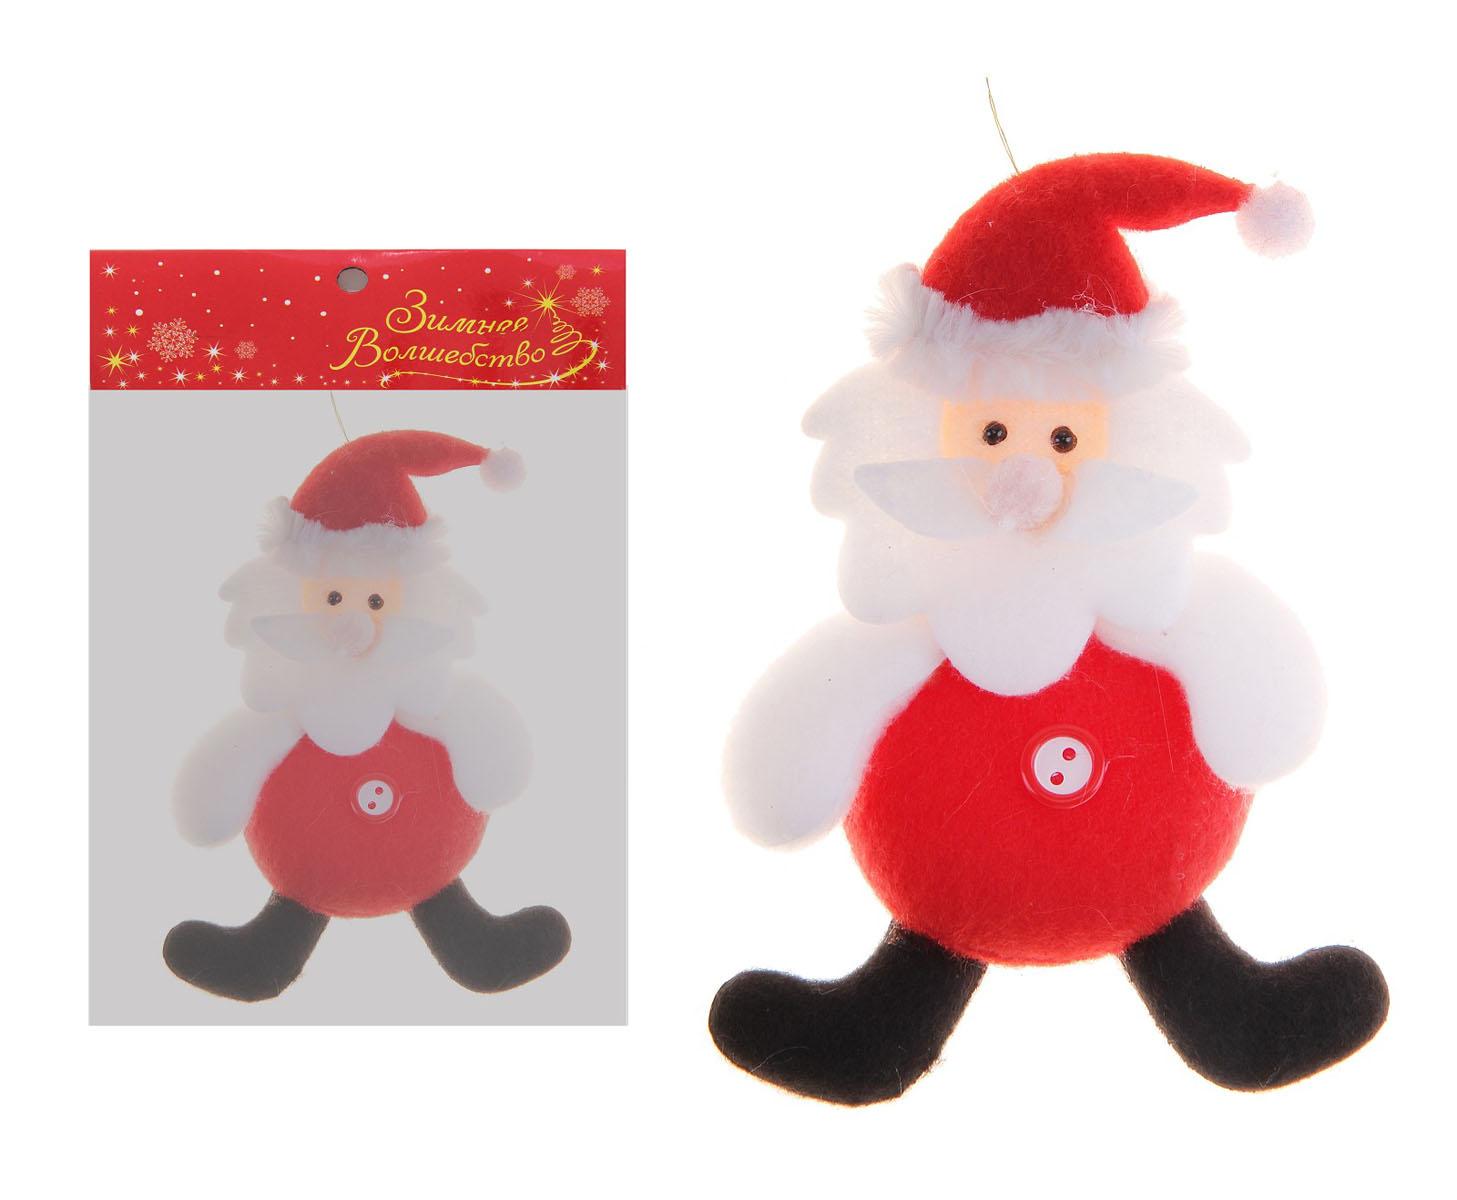 Новогоднее подвесное украшение Sima-land Дед Мороз. 718539718539Новогоднее украшение Sima-land Дед мороз отлично подойдет для декорации вашего дома и новогодней ели. Игрушка выполнена из текстиля в виде забавного Деда Мороза. Украшение оснащено специальной текстильной петелькой для подвешивания. Елочная игрушка - символ Нового года. Она несет в себе волшебство и красоту праздника. Создайте в своем доме атмосферу веселья и радости, украшая всей семьей новогоднюю елку нарядными игрушками, которые будут из года в год накапливать теплоту воспоминаний. Коллекция декоративных украшений из серии Зимнее волшебство принесет в ваш дом ни с чем не сравнимое ощущение праздника! Материал: пластик, текстиль.